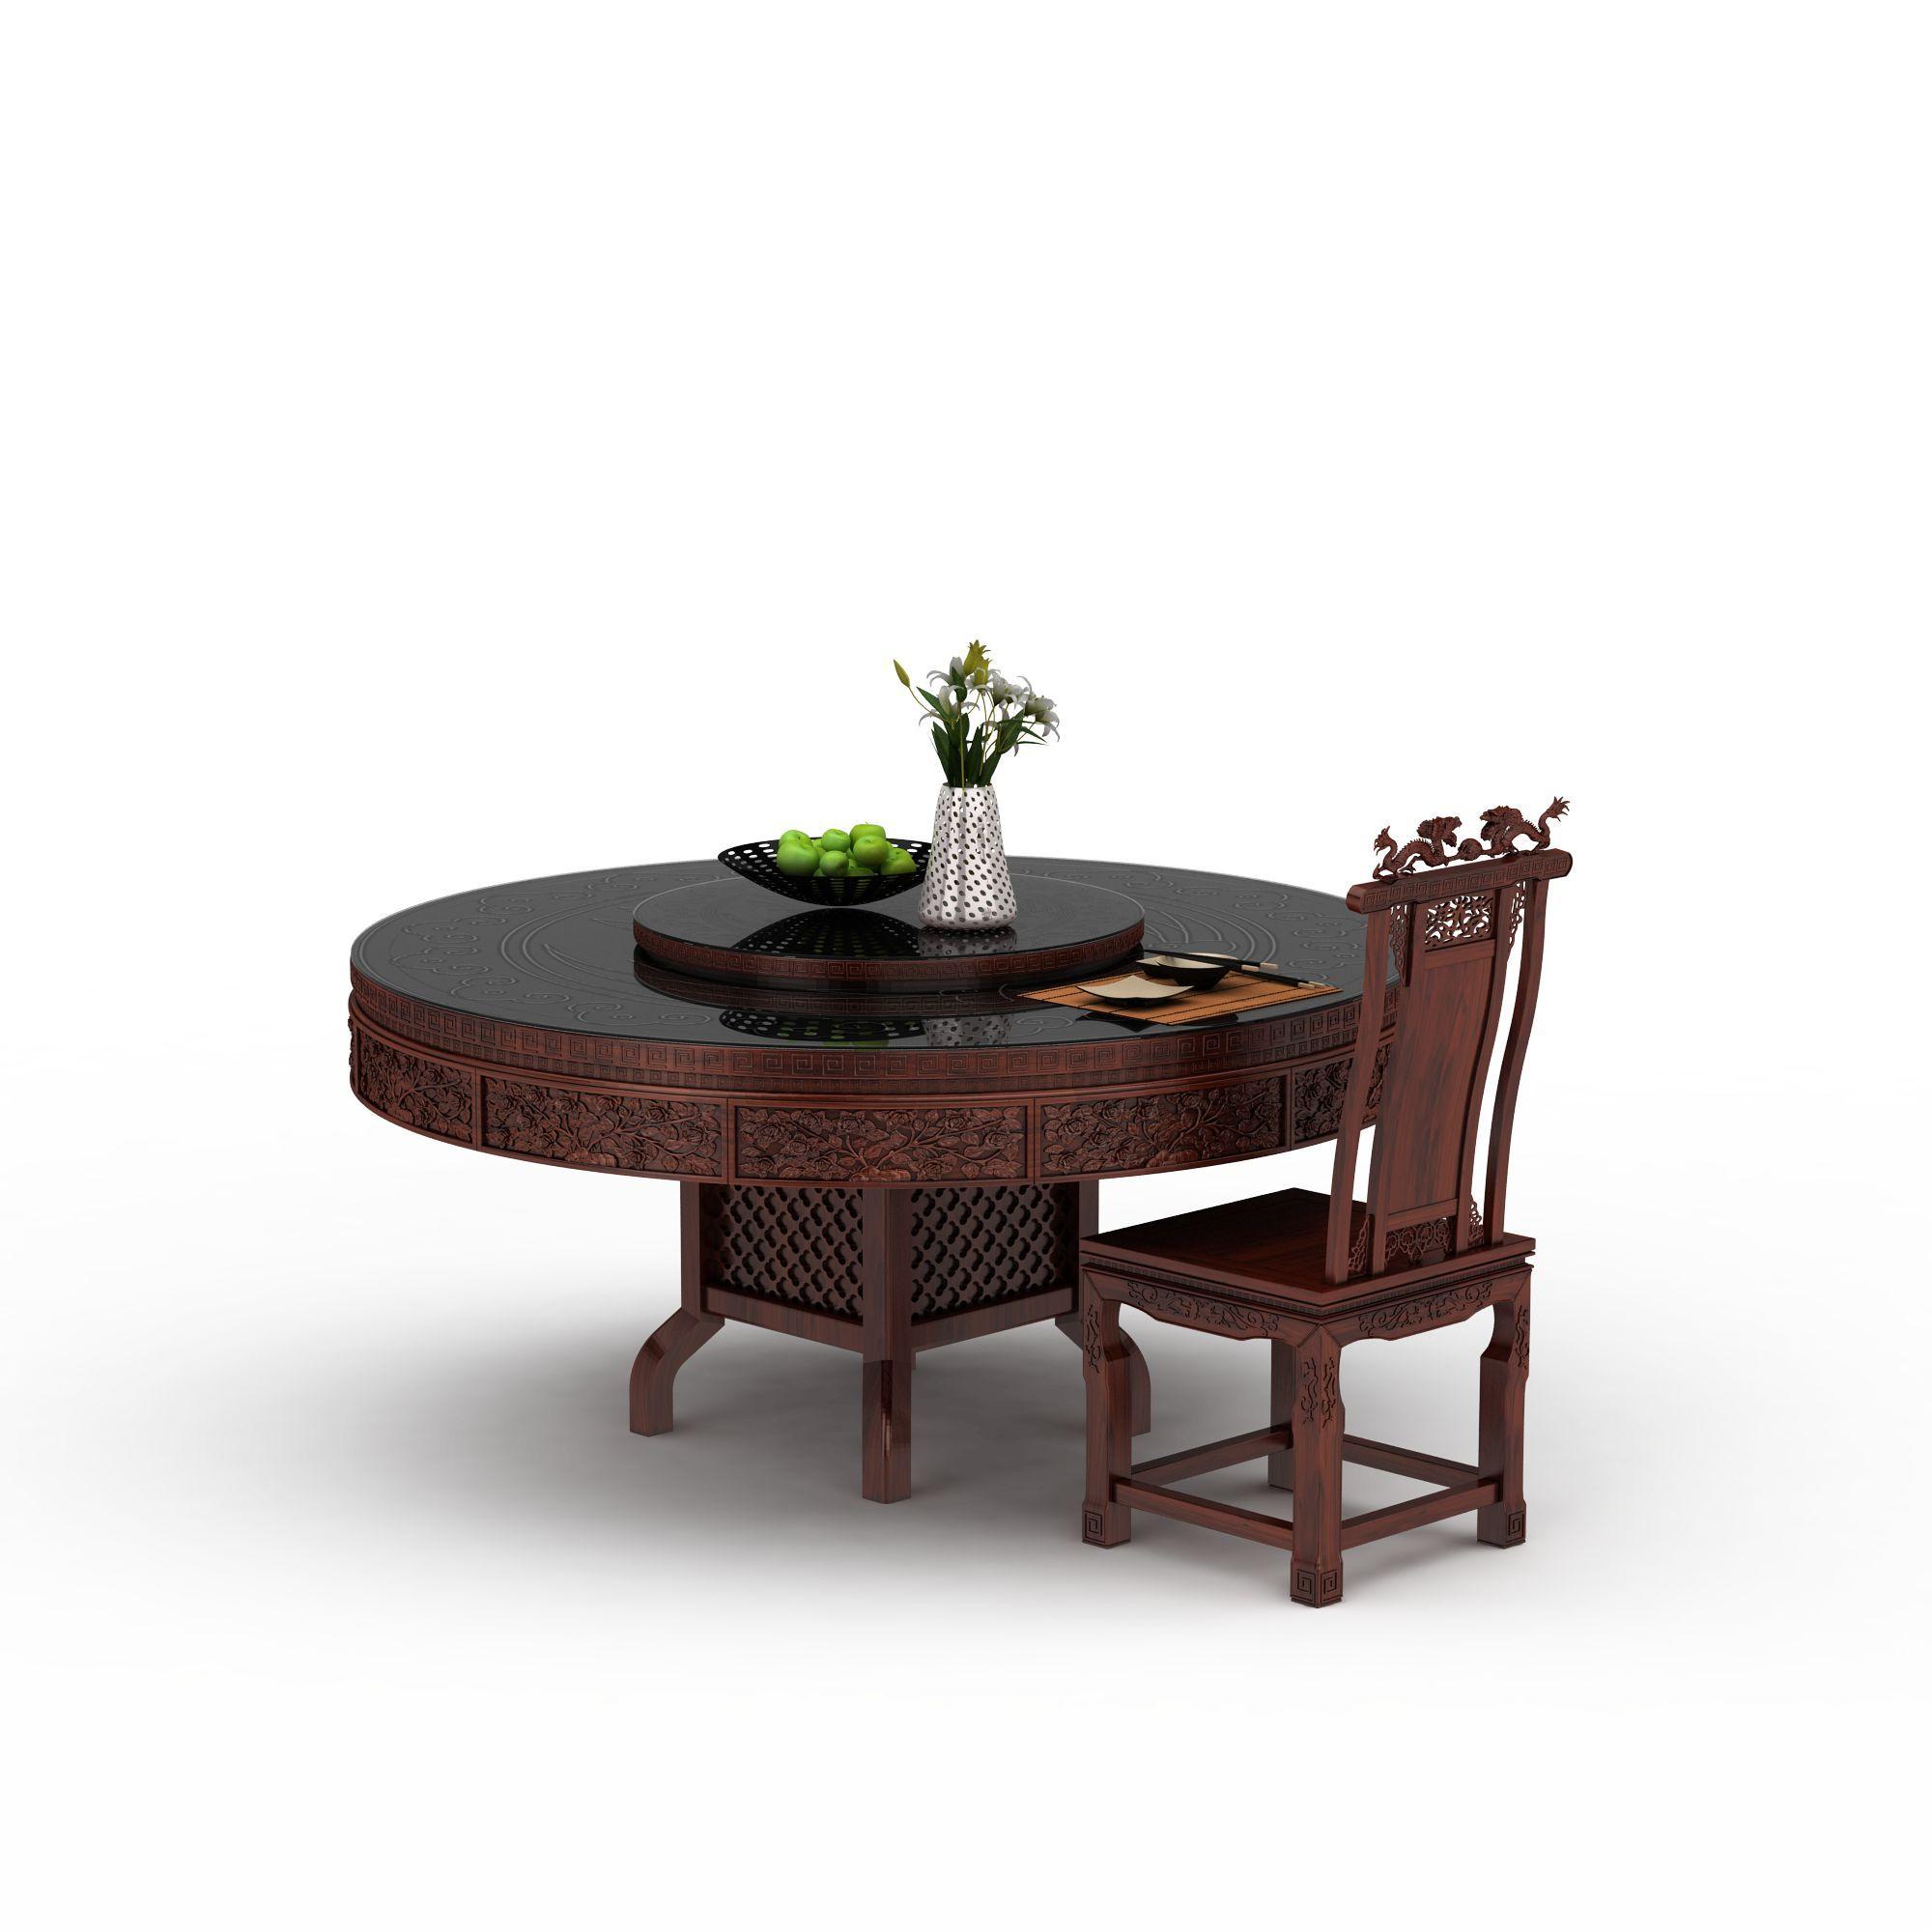 中式桌椅组合高清图下载